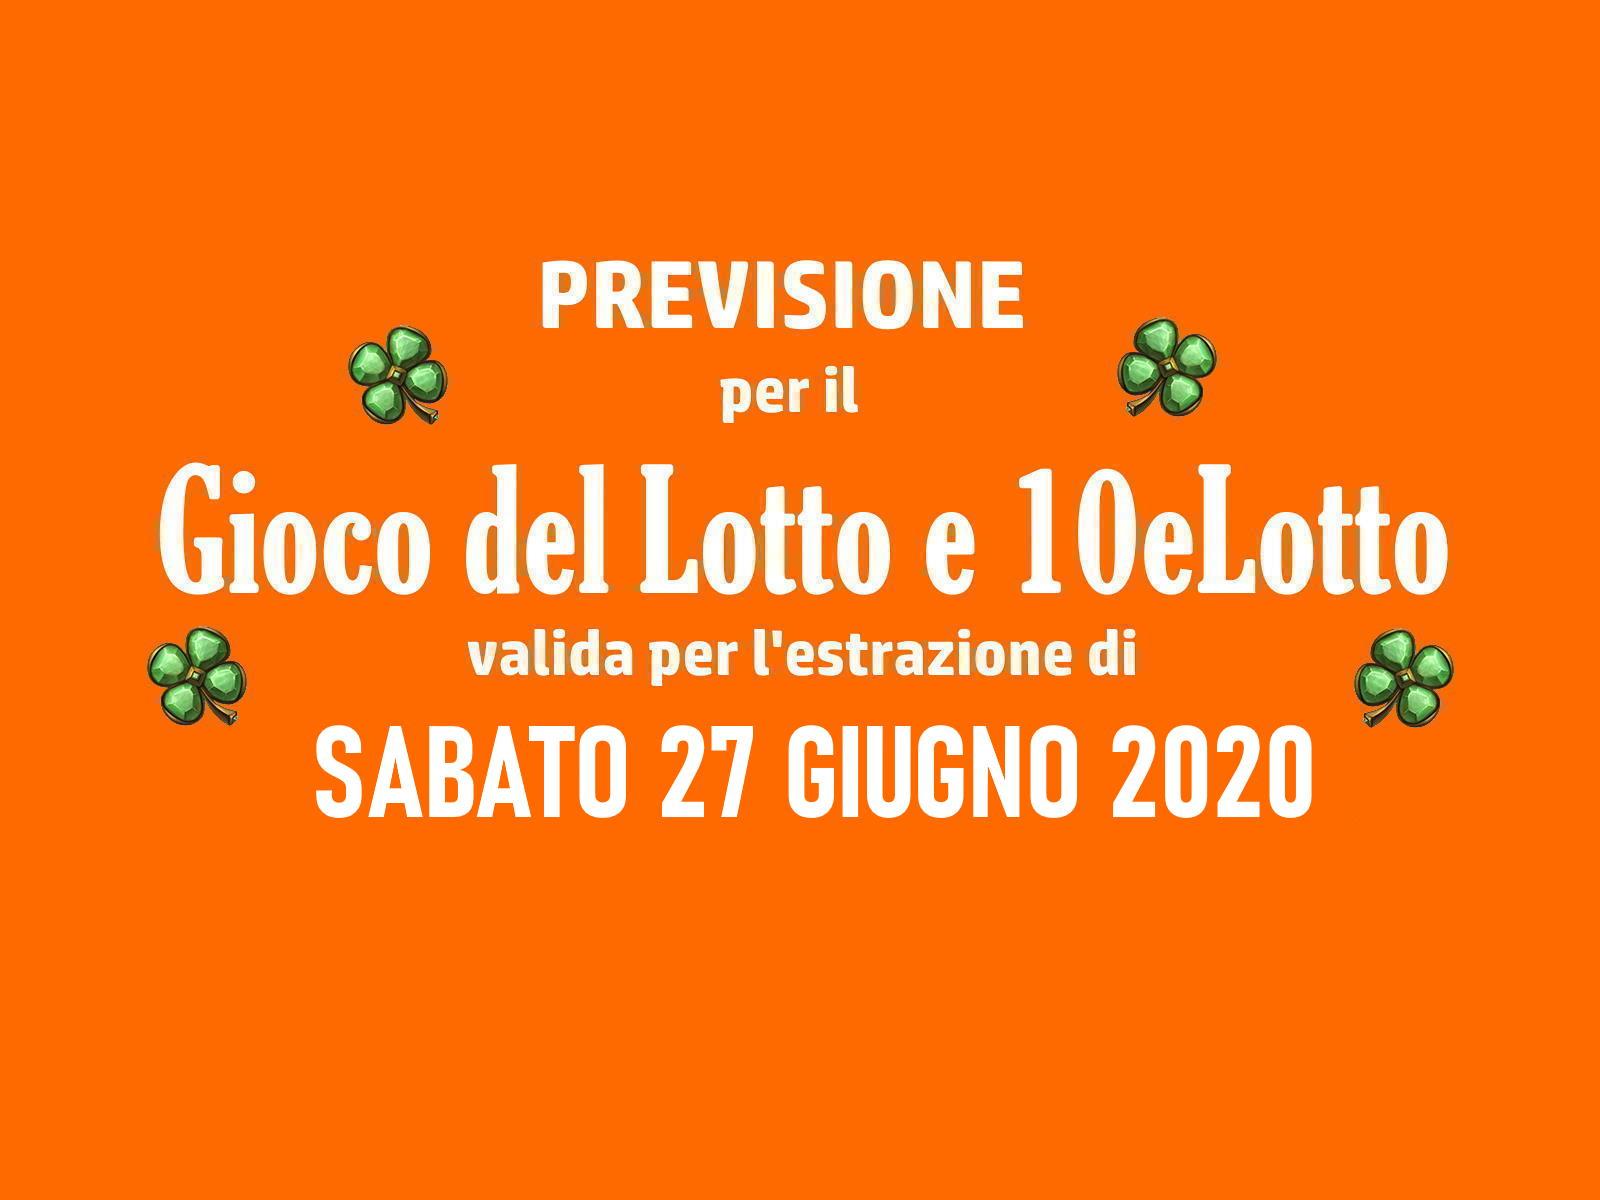 Previsione Lotto 27 Giugno 2020